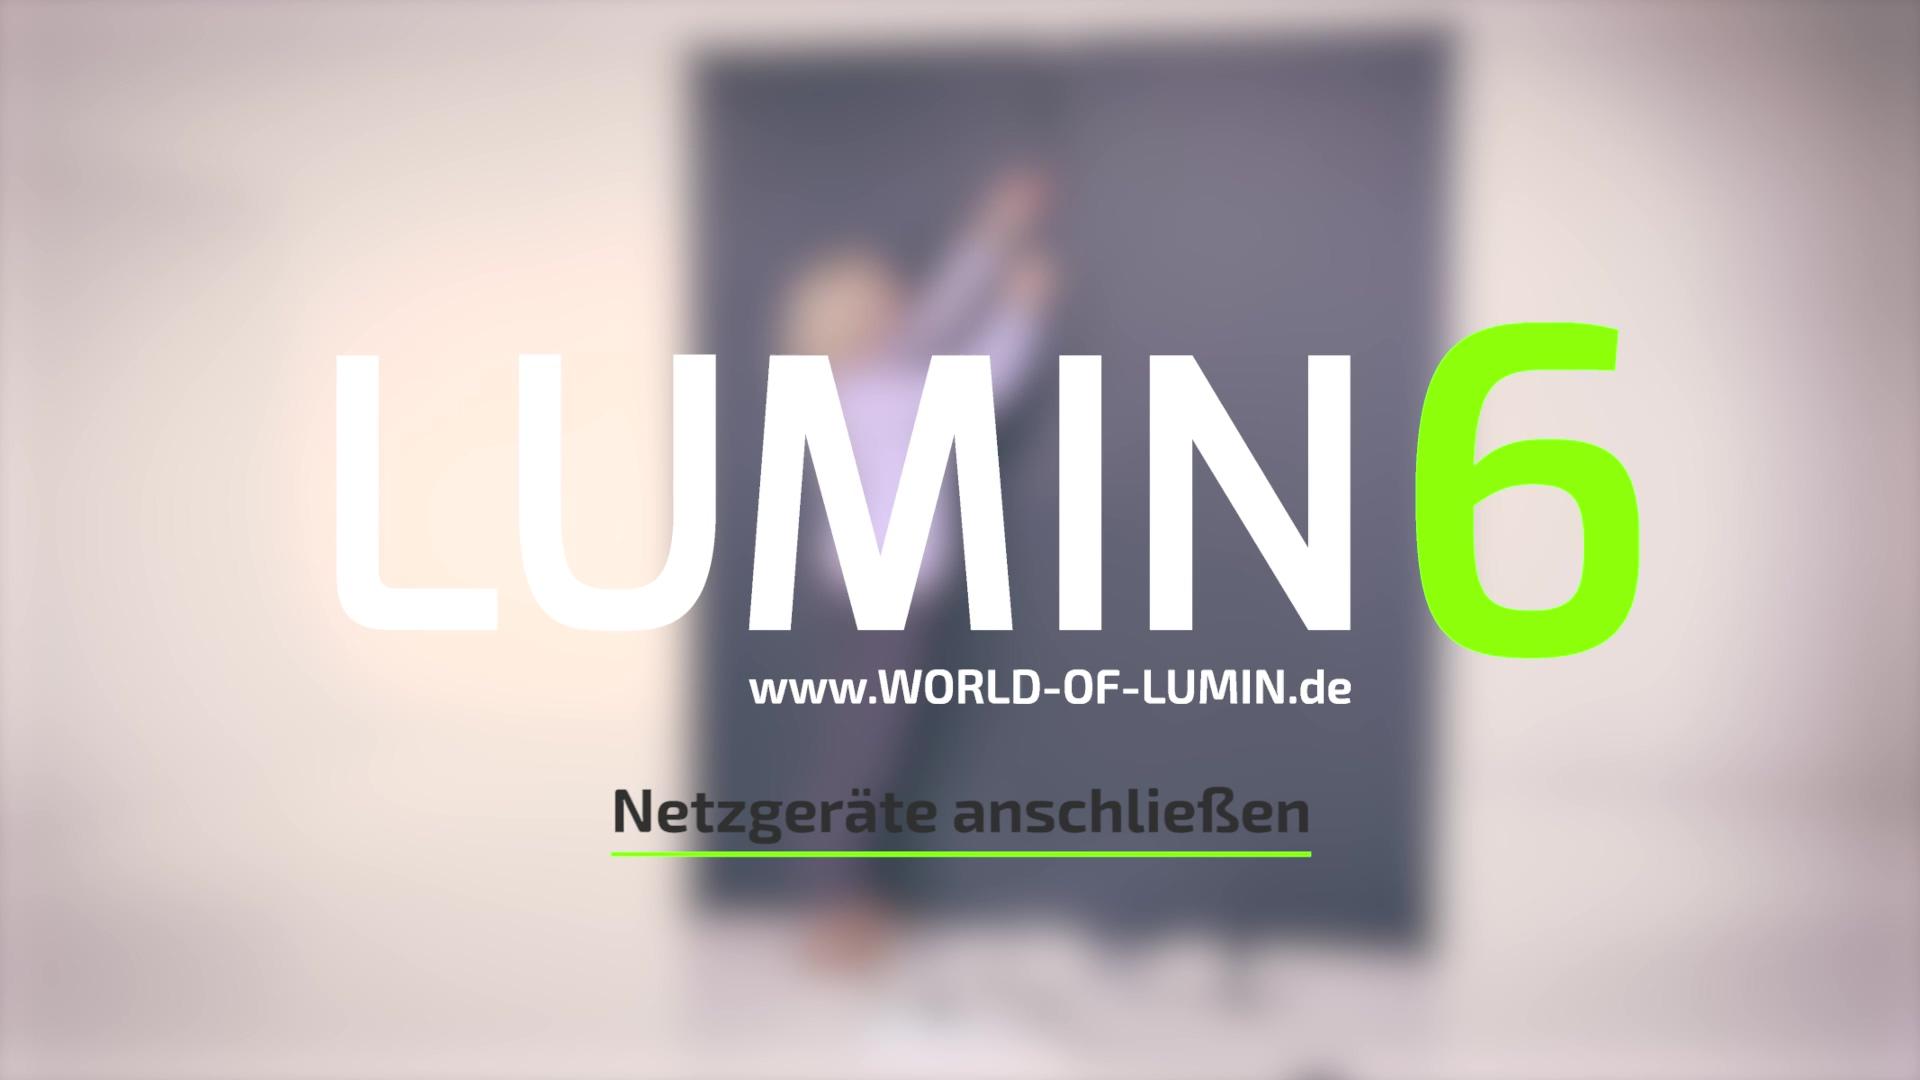 LaConcept_Lumin6_QR_Netzteile-anschließen